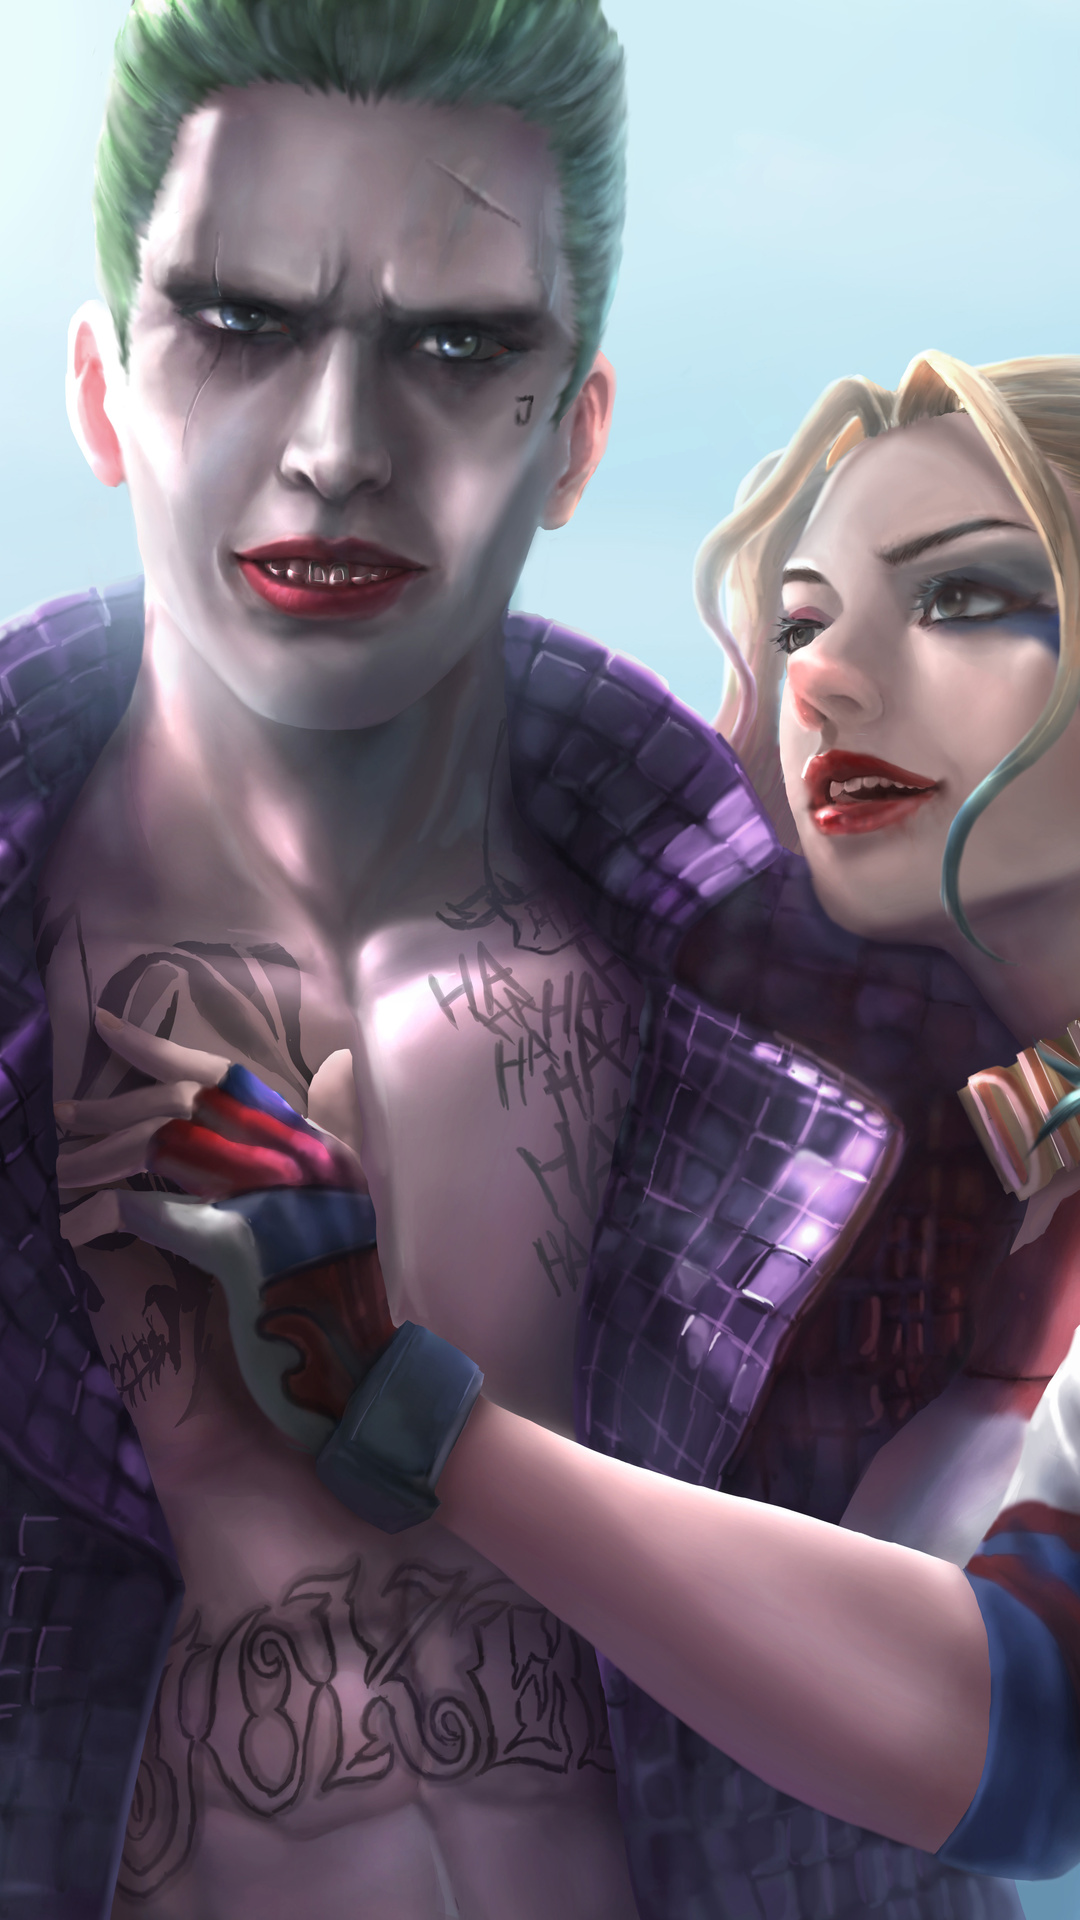 joker-and-harley-quinn-8k-artwork-e2.jpg